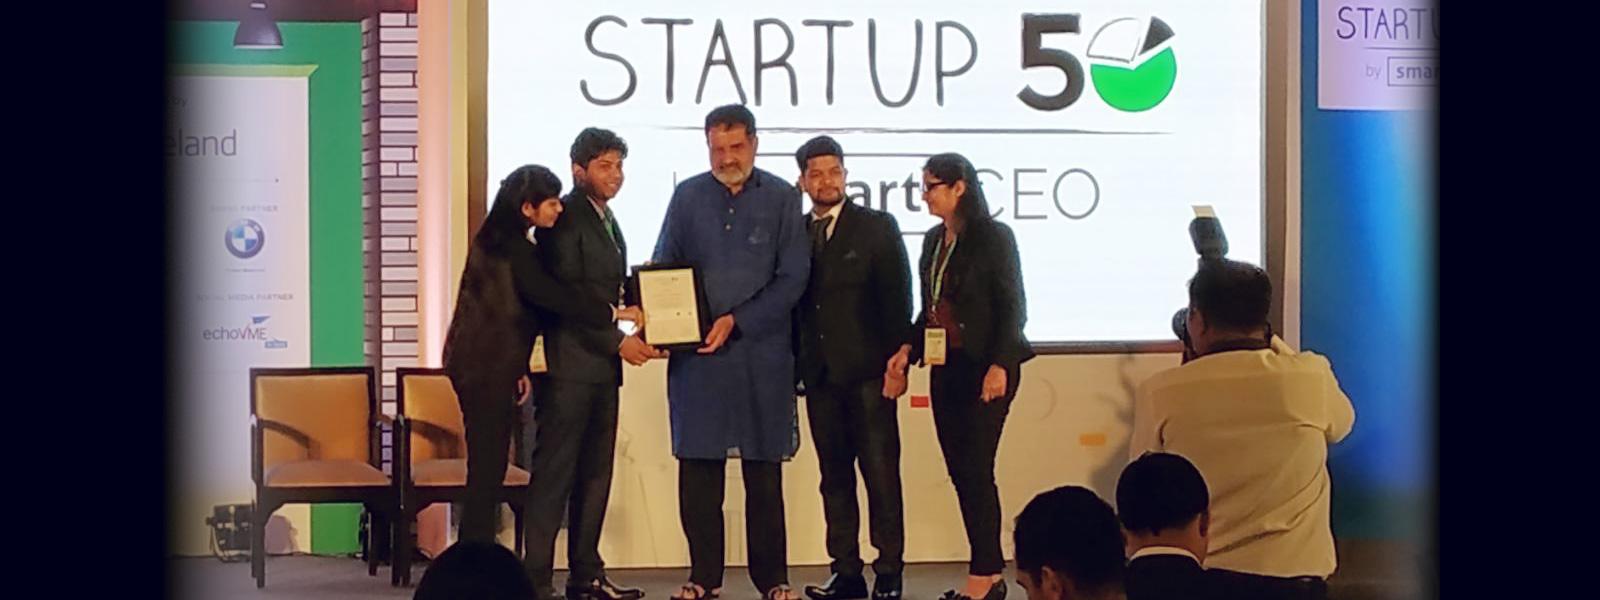 Startup 50 Award